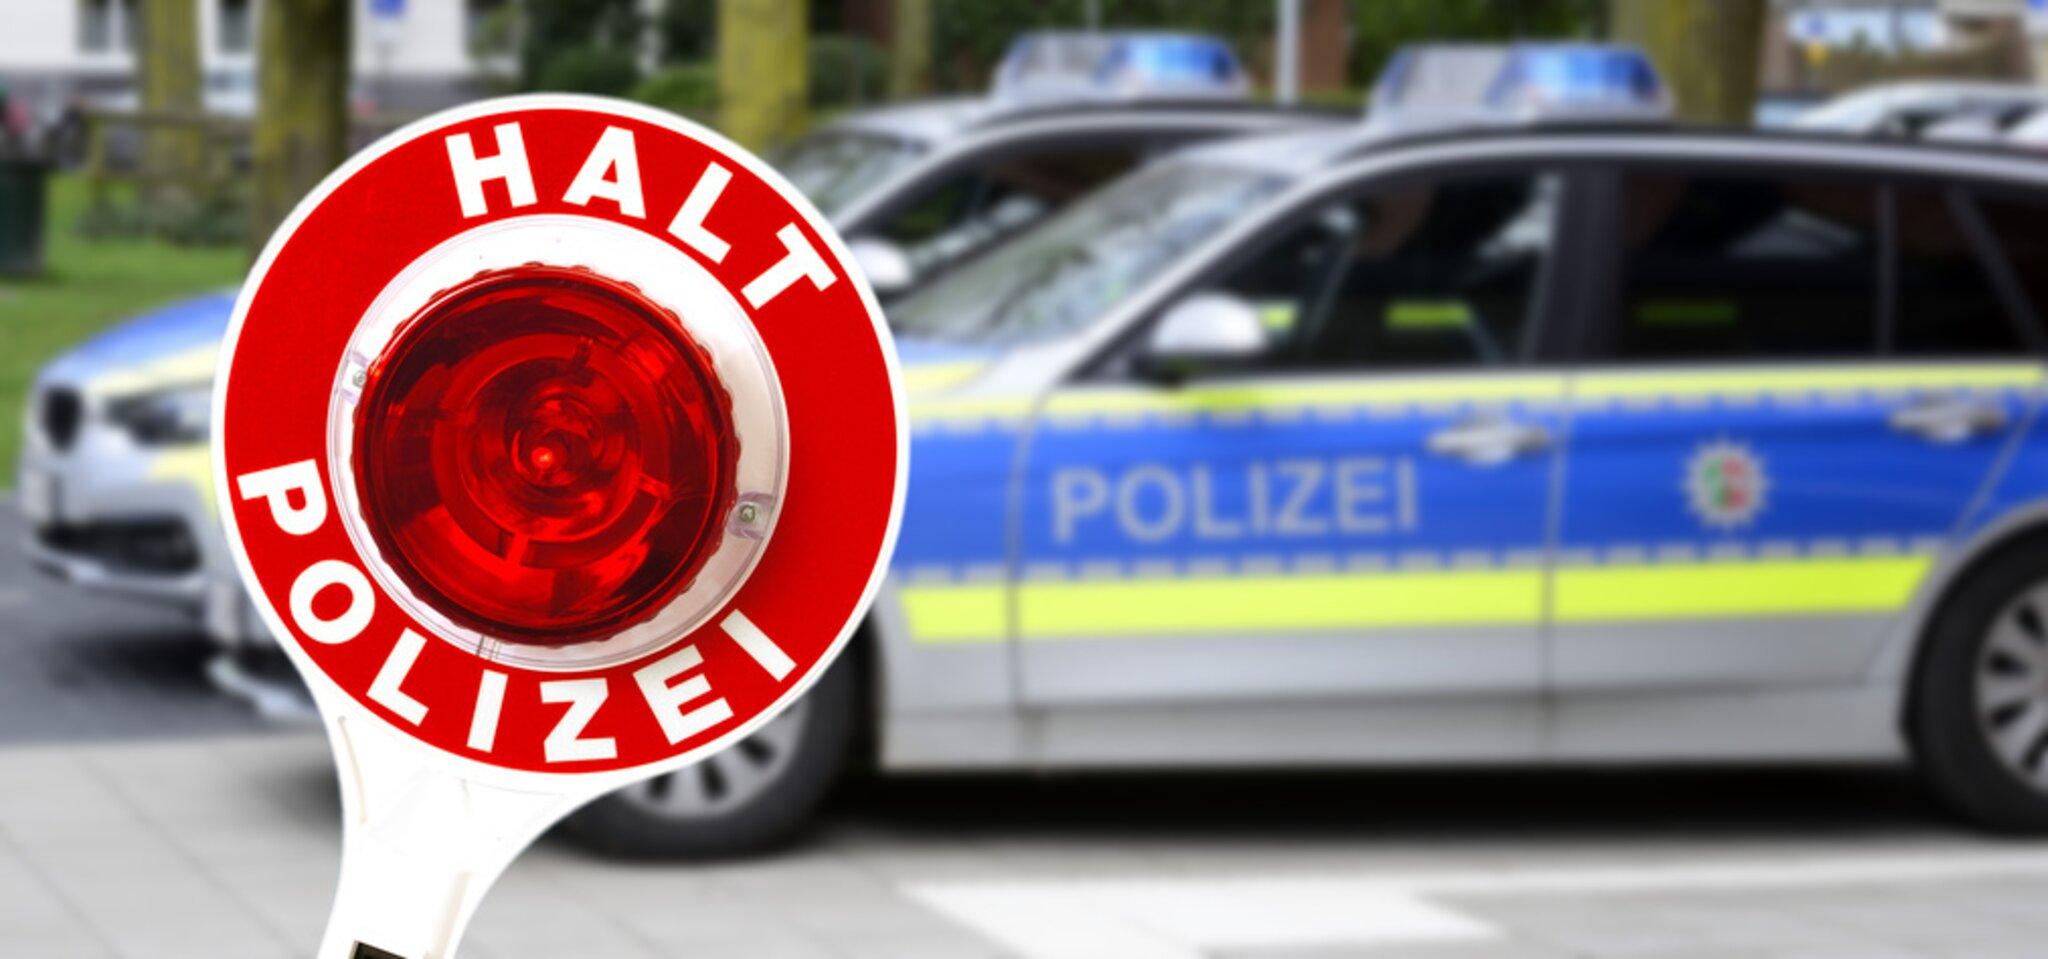 Raum-Aschaffenburg-Ung-ltiges-Versicherungskennzeichen-Verkehrsunfallflucht-Streit-Verst-e-gegen-das-Kontaktverbot-Drogenfahrt